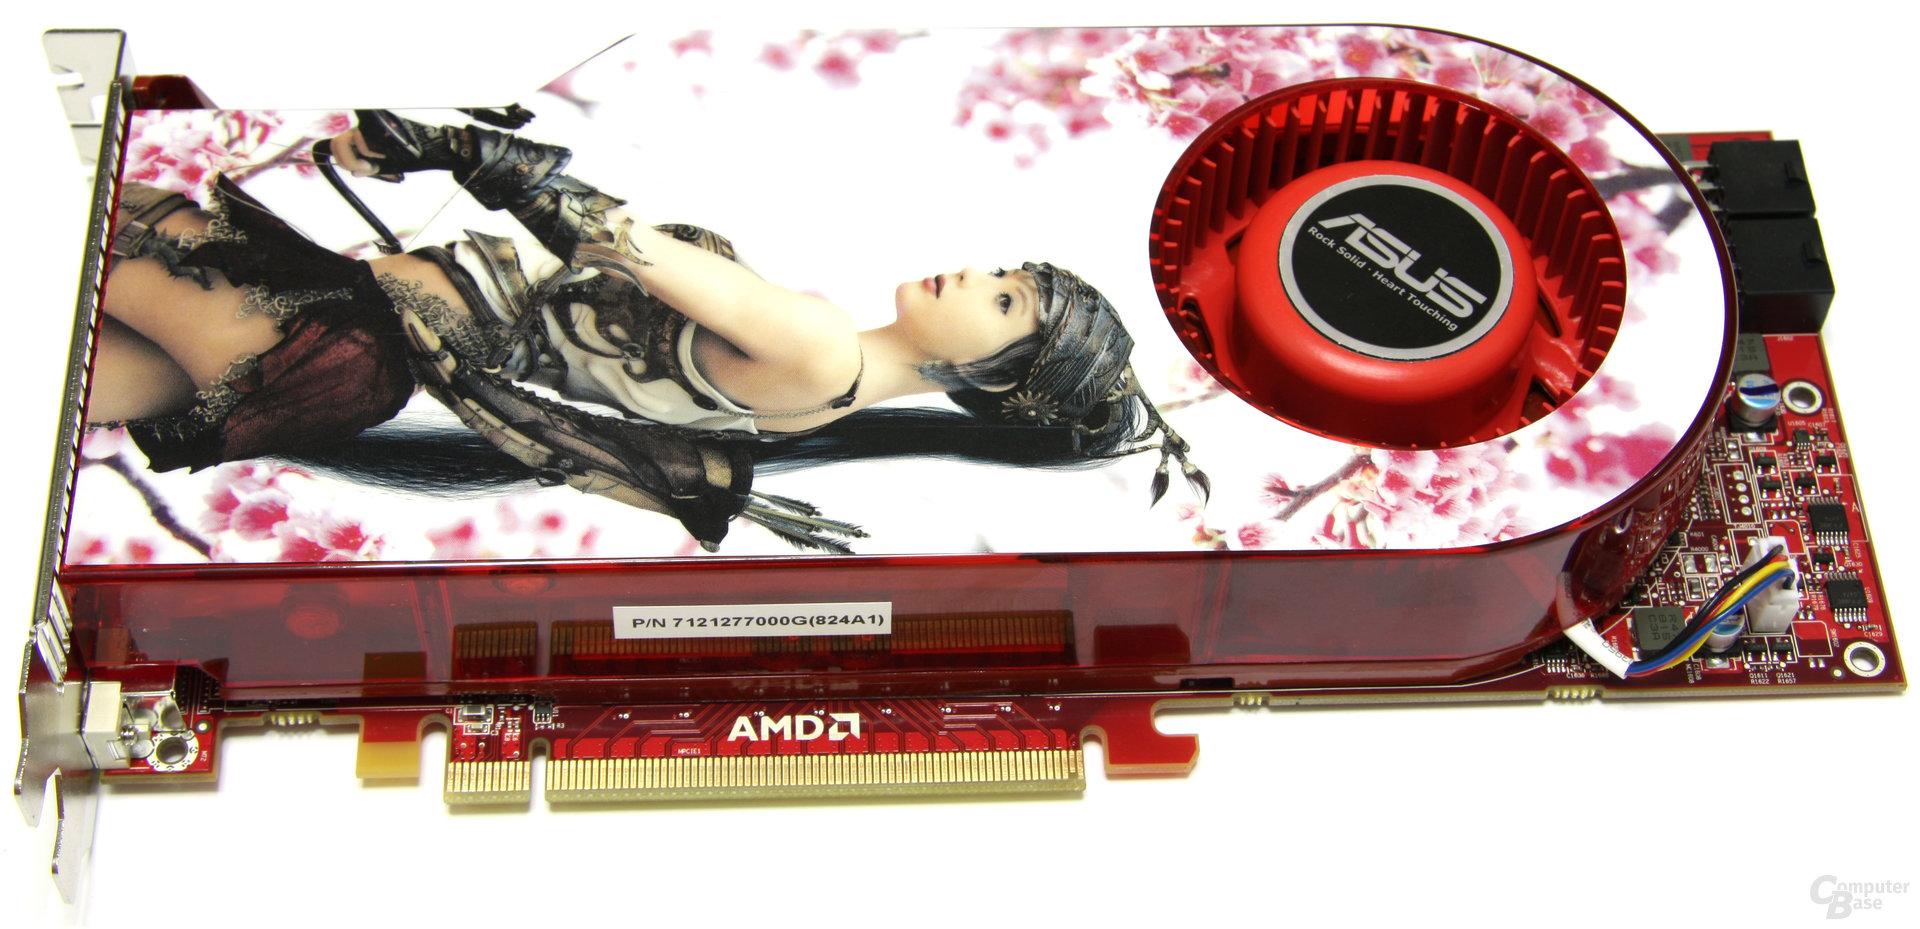 Asus Radeon HD 4870 TOP